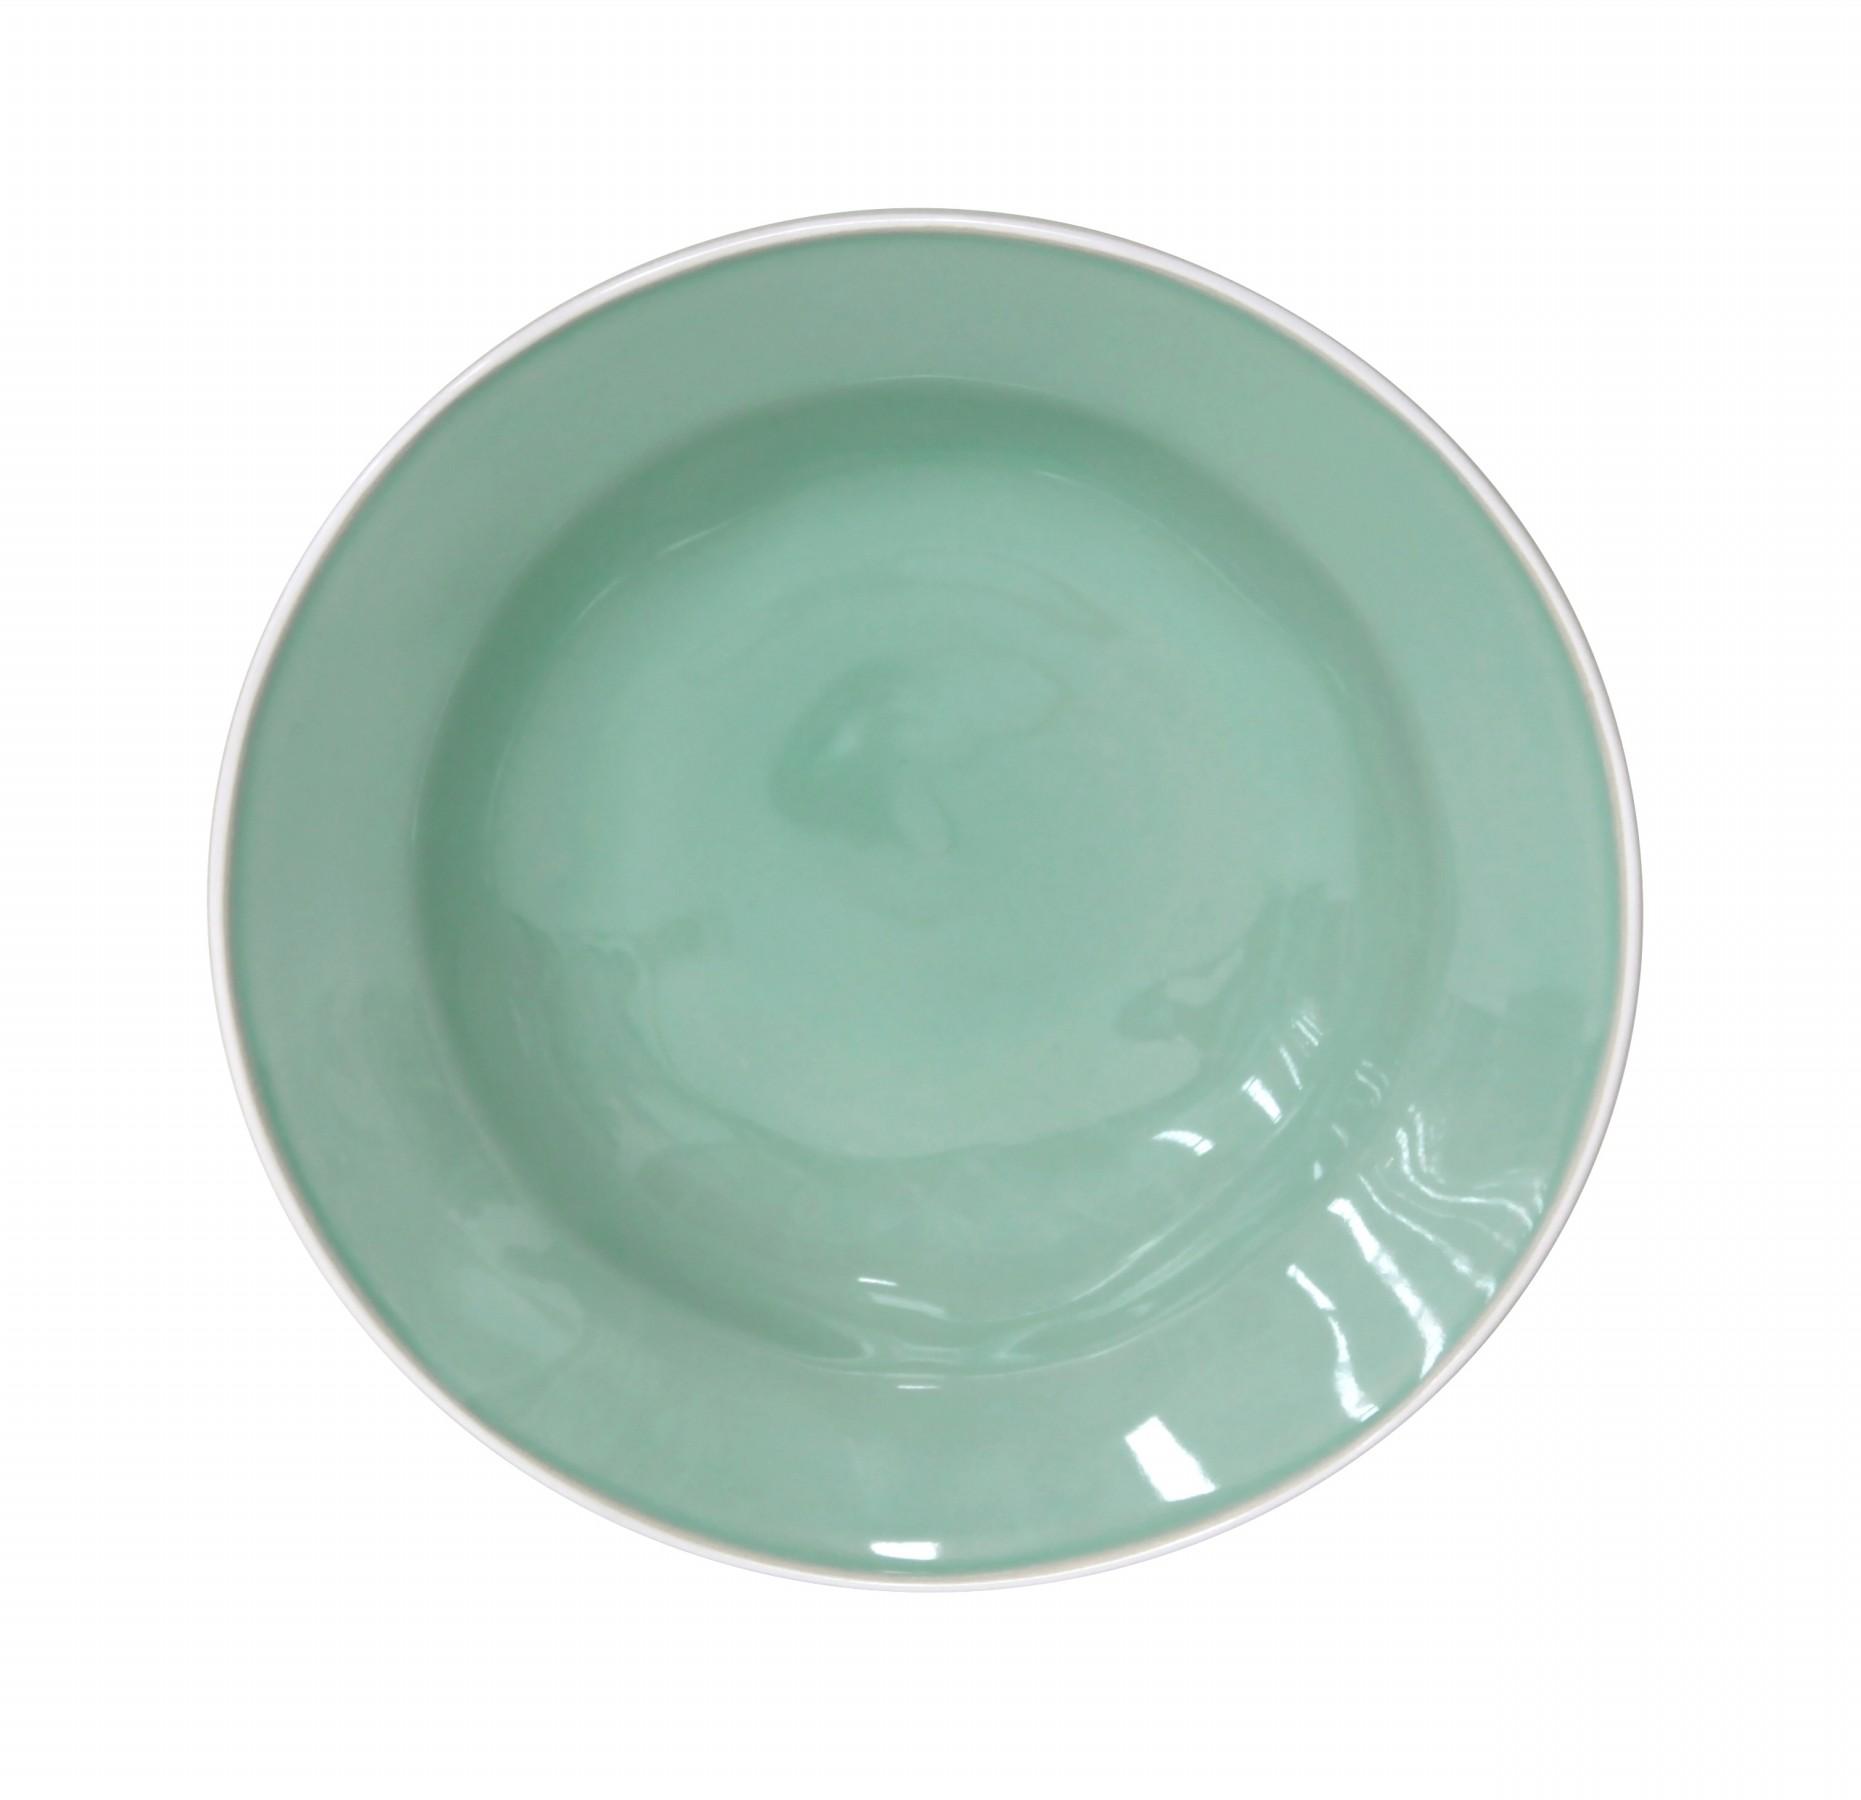 COSTA NOVA Polévkový talíř Astoria mátový 21cm